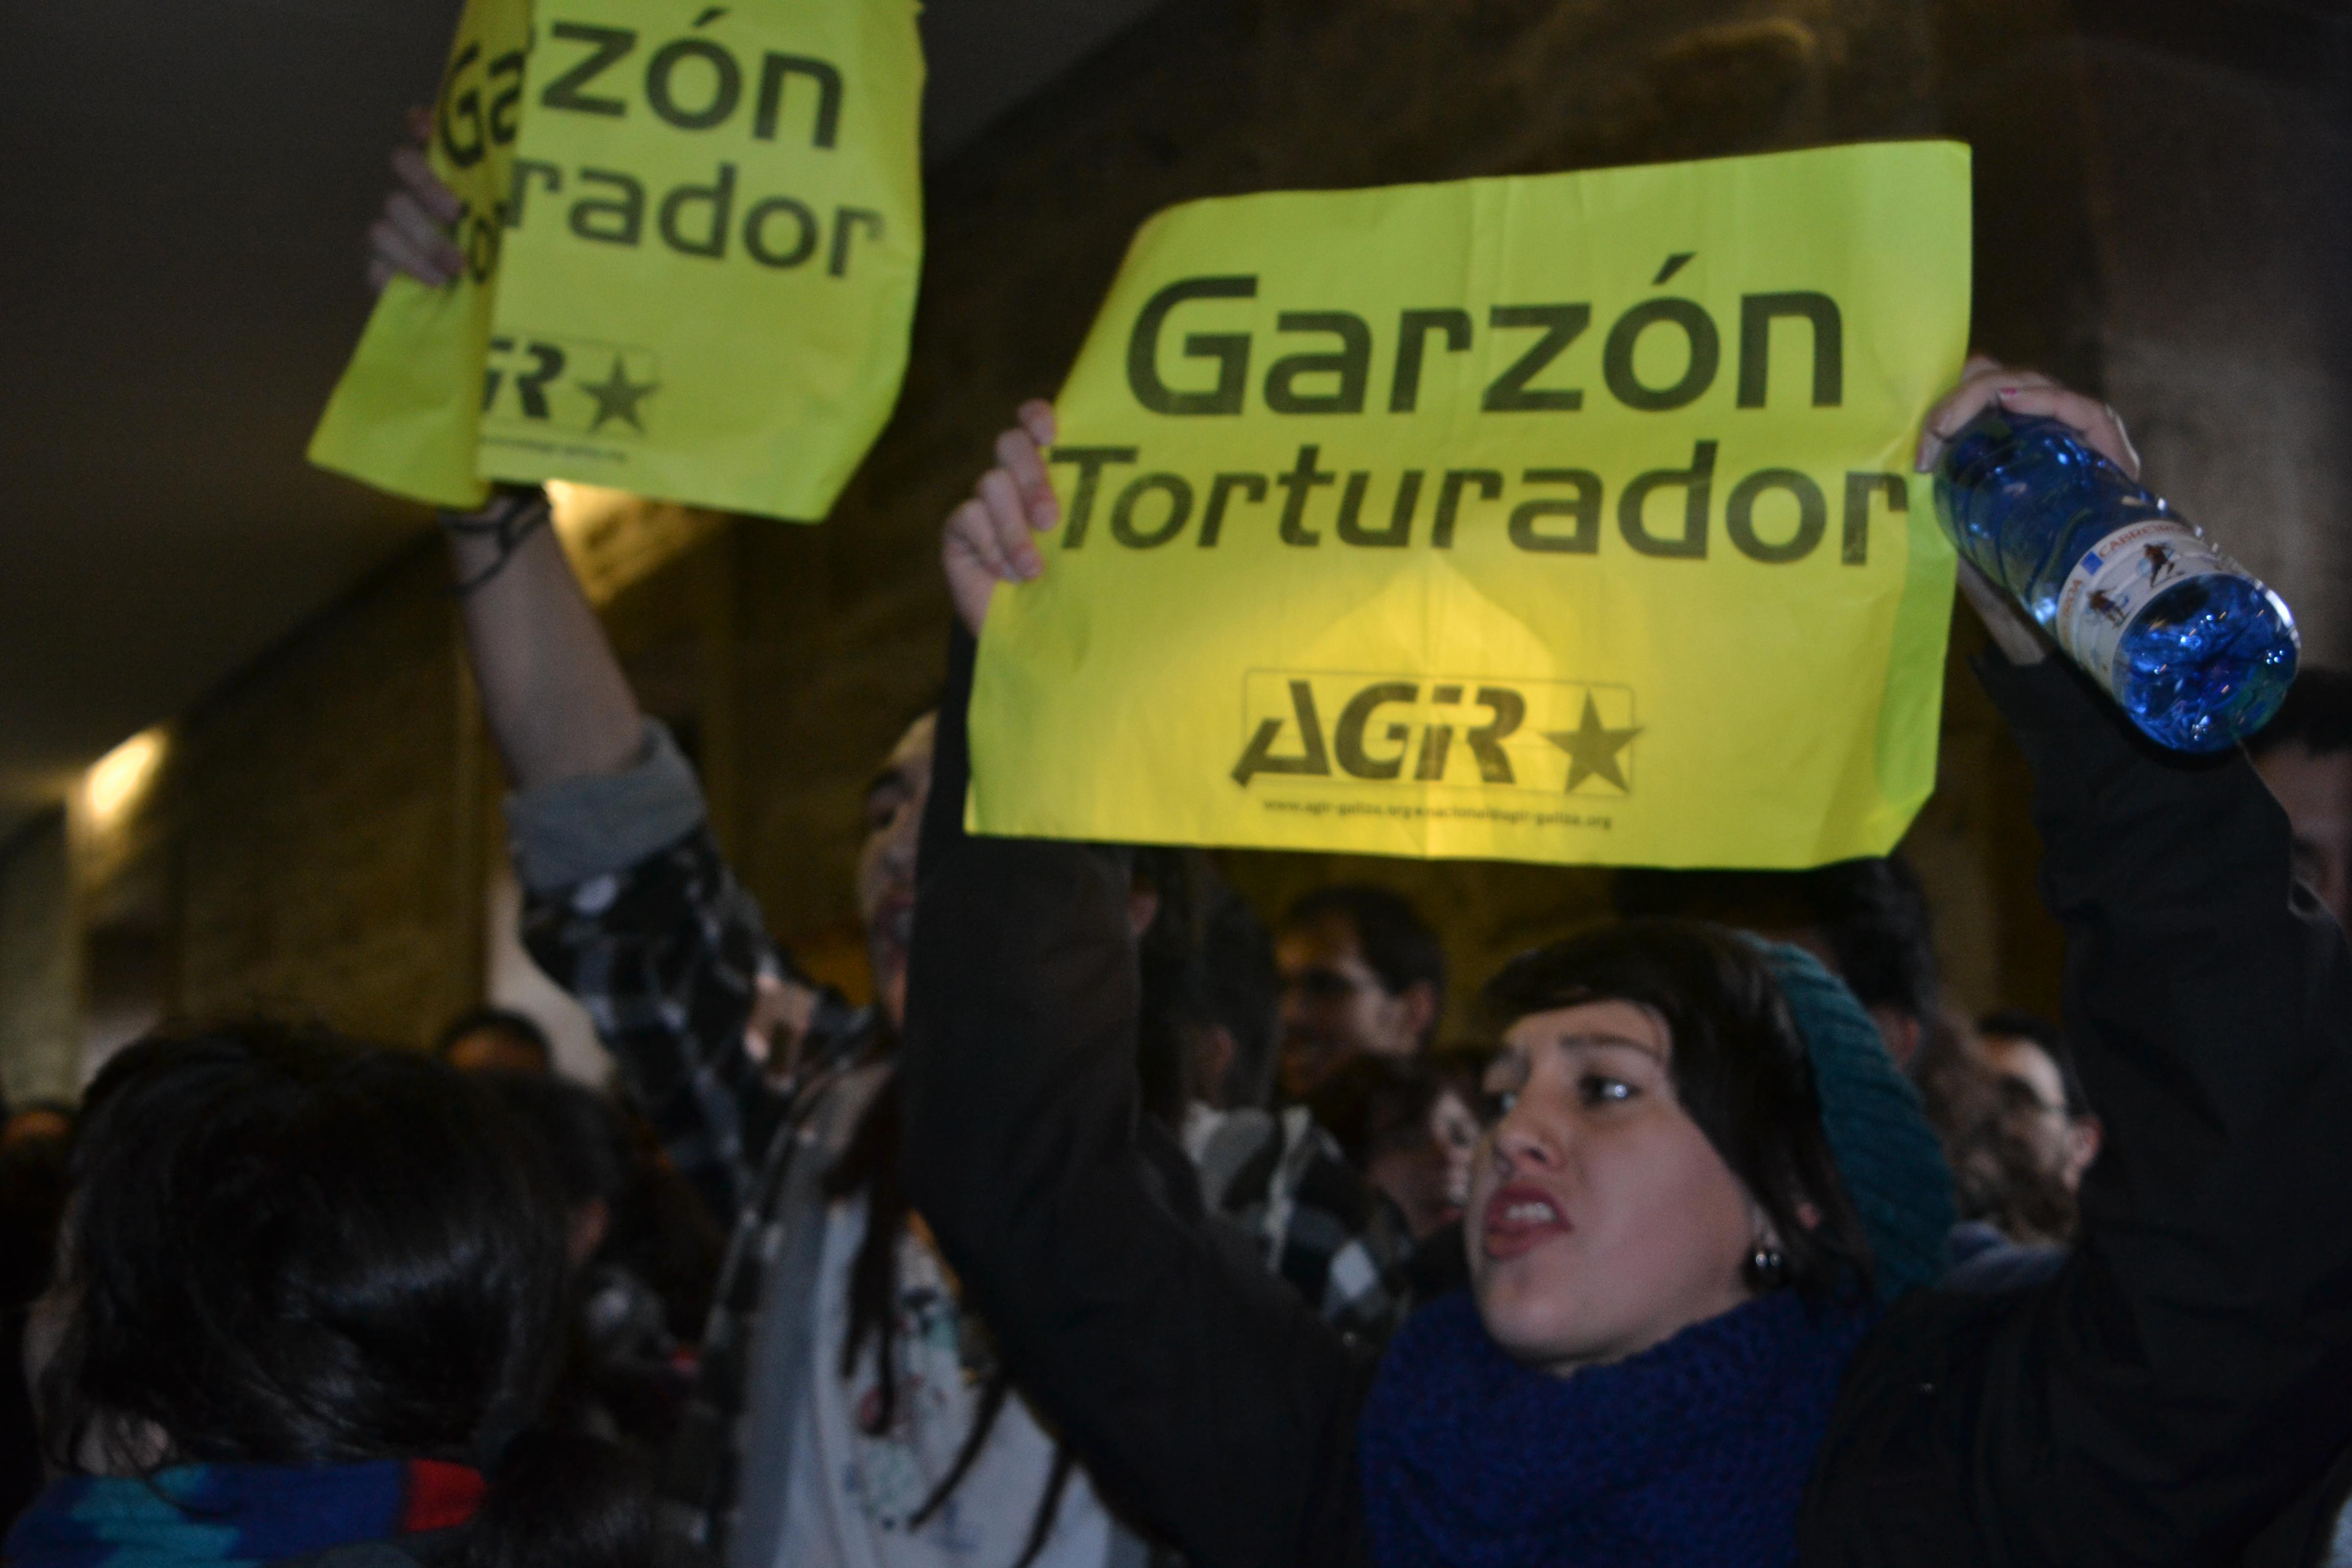 Las protestas continuaron en la Facultade de Historia | ©Paula Pérez Fraga